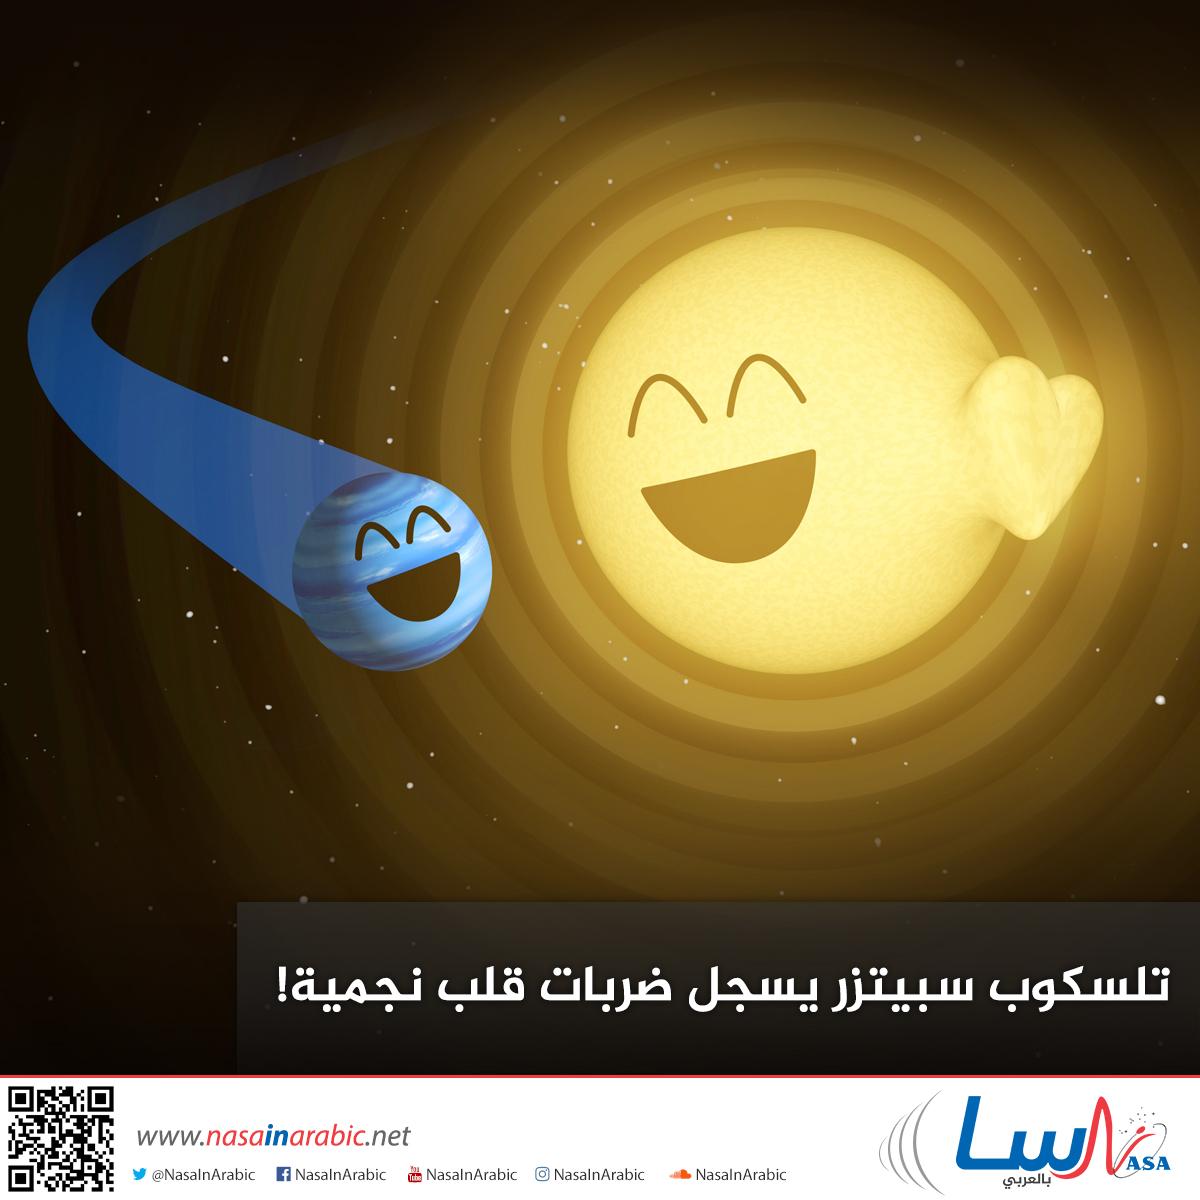 تلسكوب سبيتزر يسجل ضربات قلب نجمية!